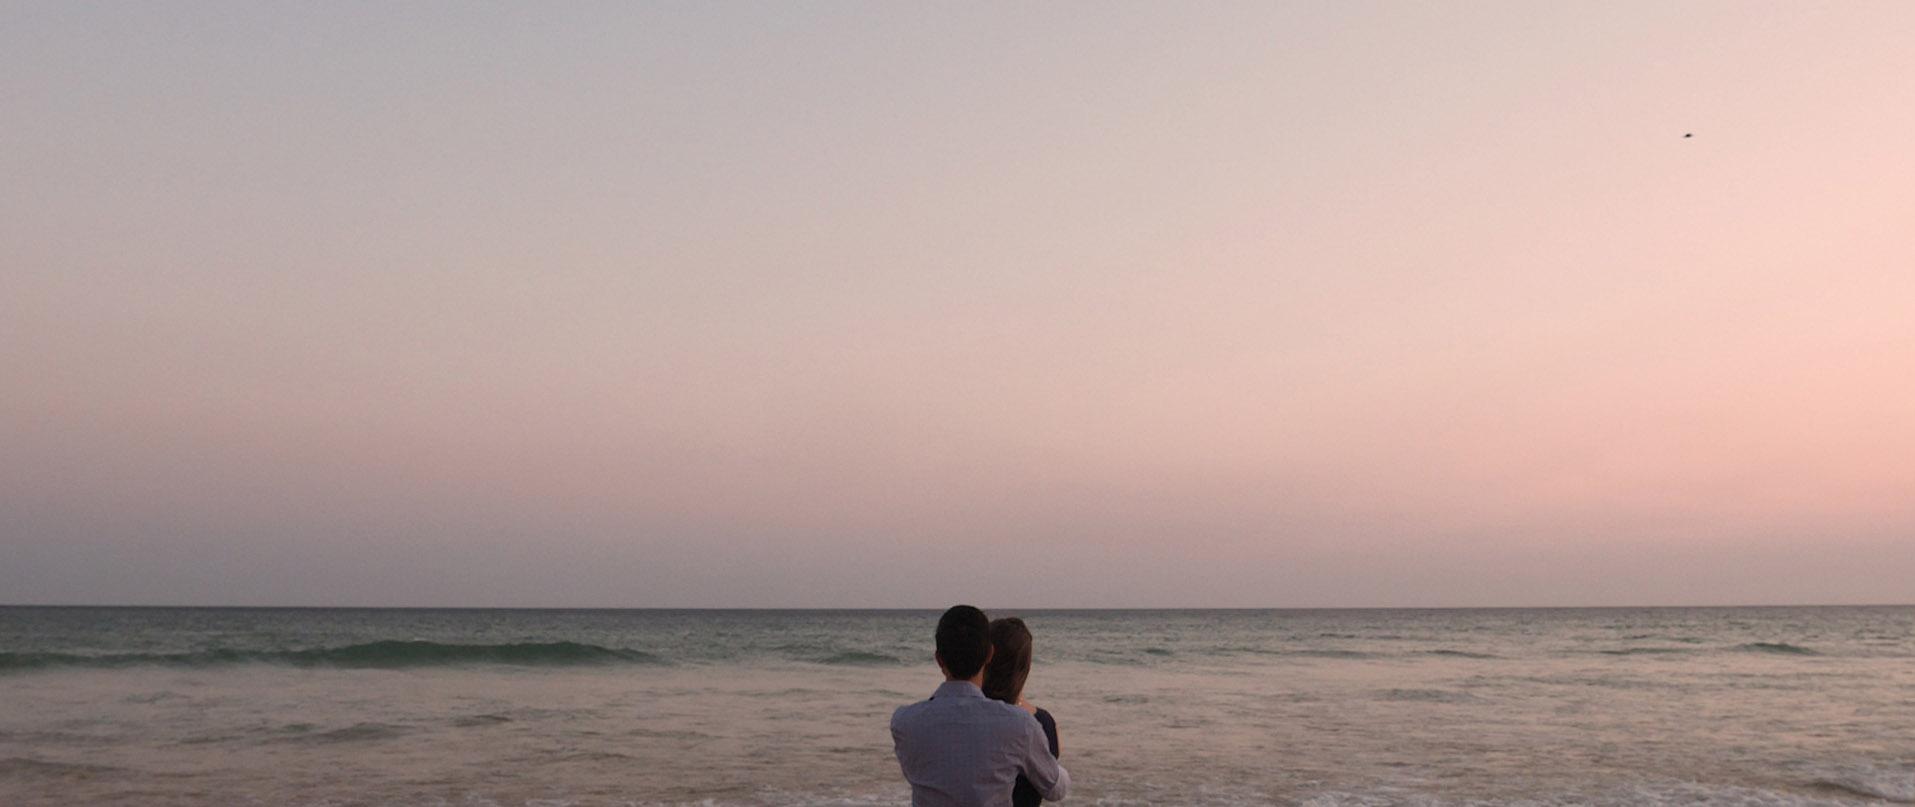 Kristýna & David | Praia dos Três Irmãos – Algarve